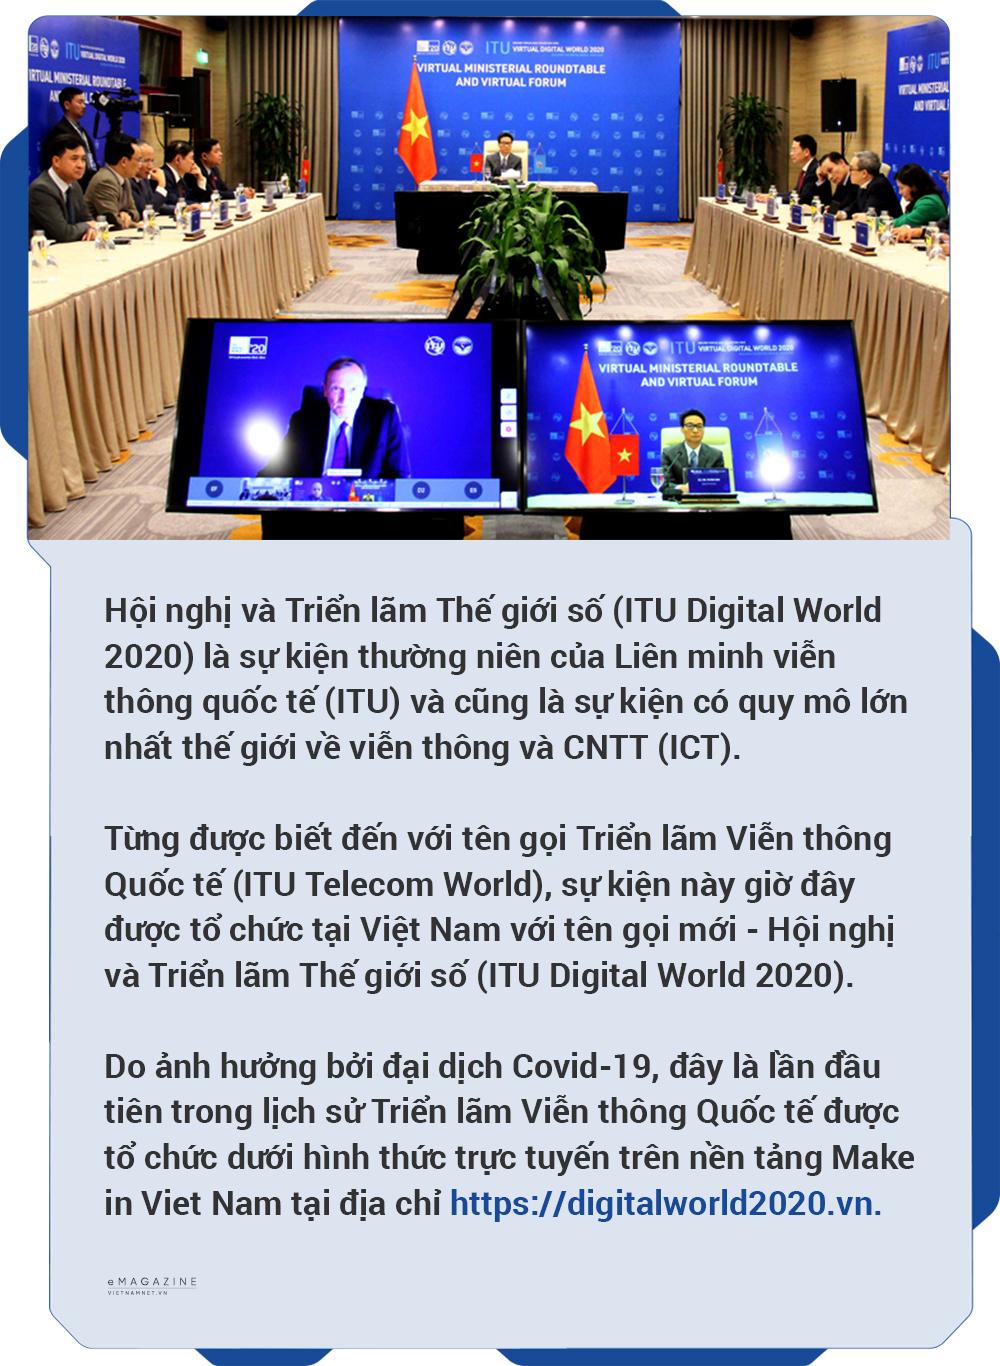 ITU Digital World 2020,Hội nghị và Triển lãm Thế giới số 2020